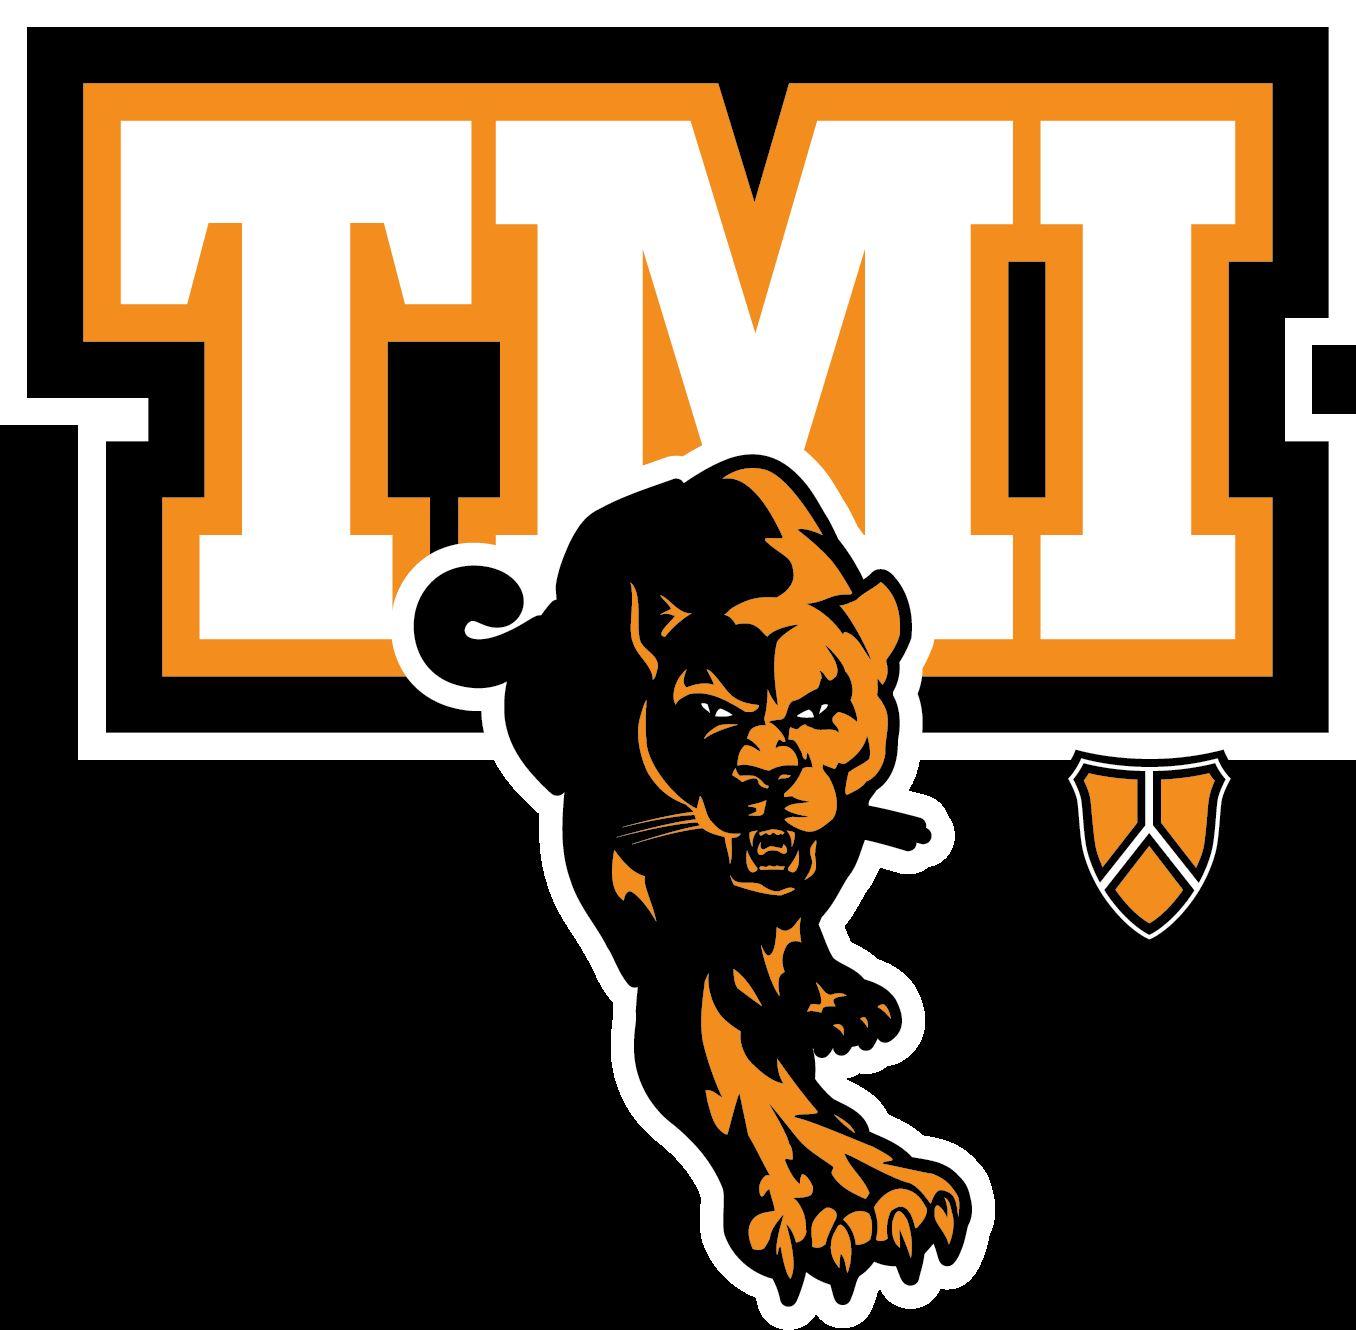 TMI-Episcopal School of Texas - Boys Varsity Football